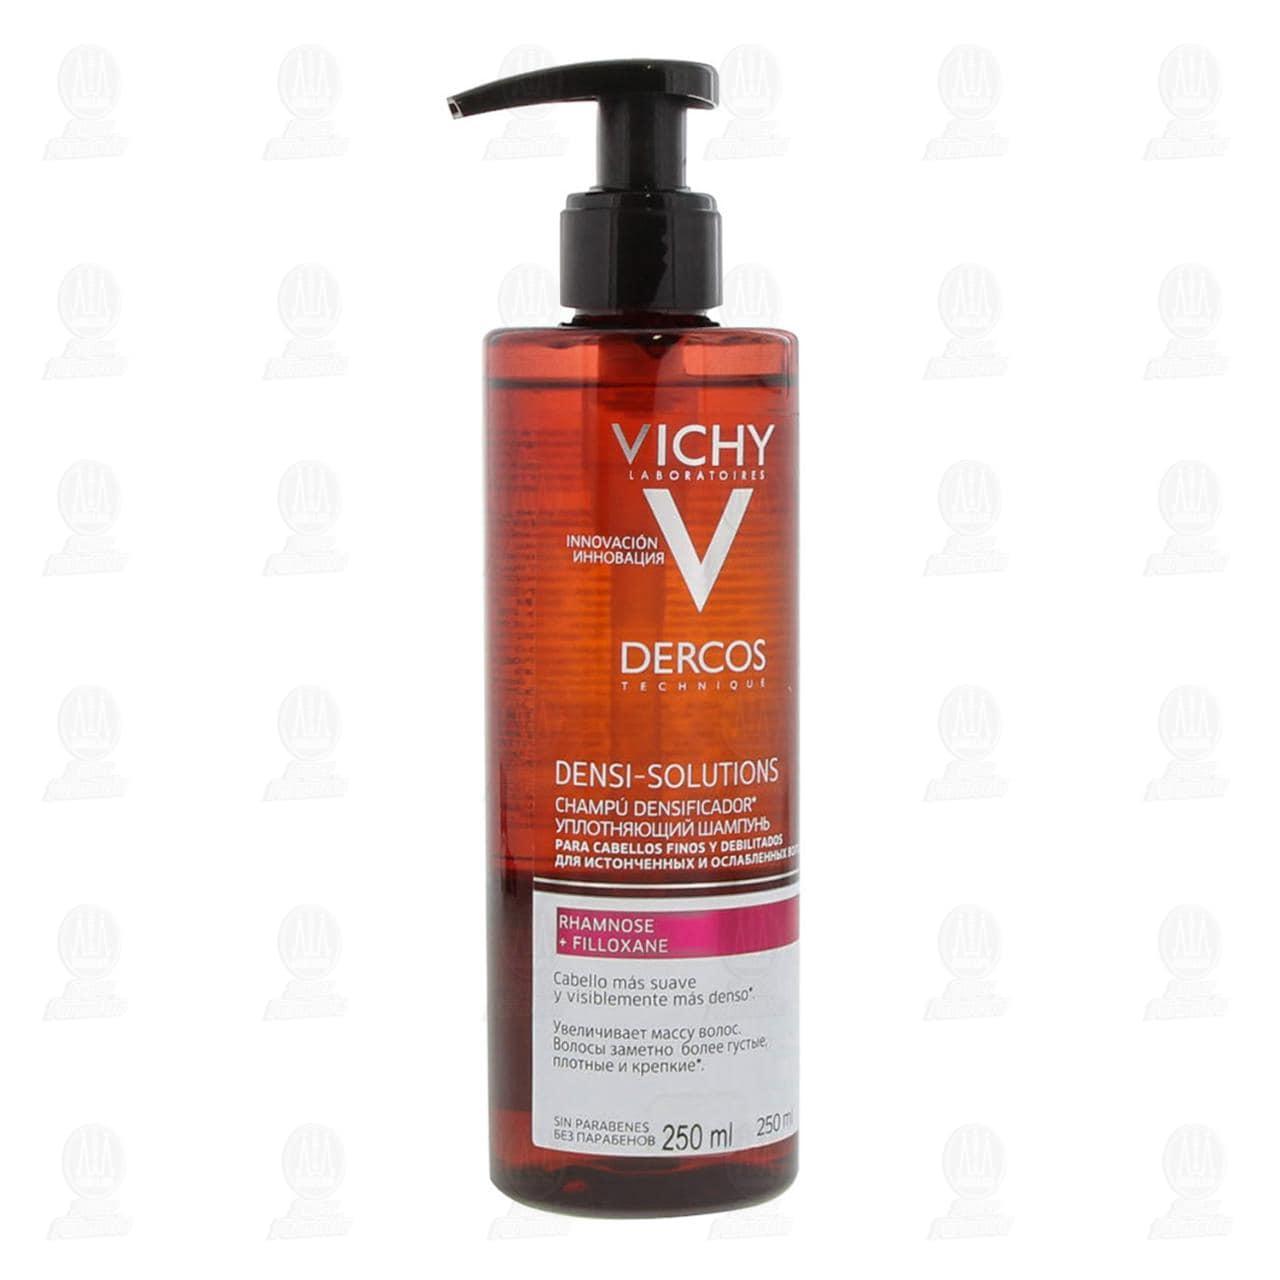 Comprar Vichy Dercos Densi Solutions Shampoo Densificador, 250 ml. en Farmacias Guadalajara